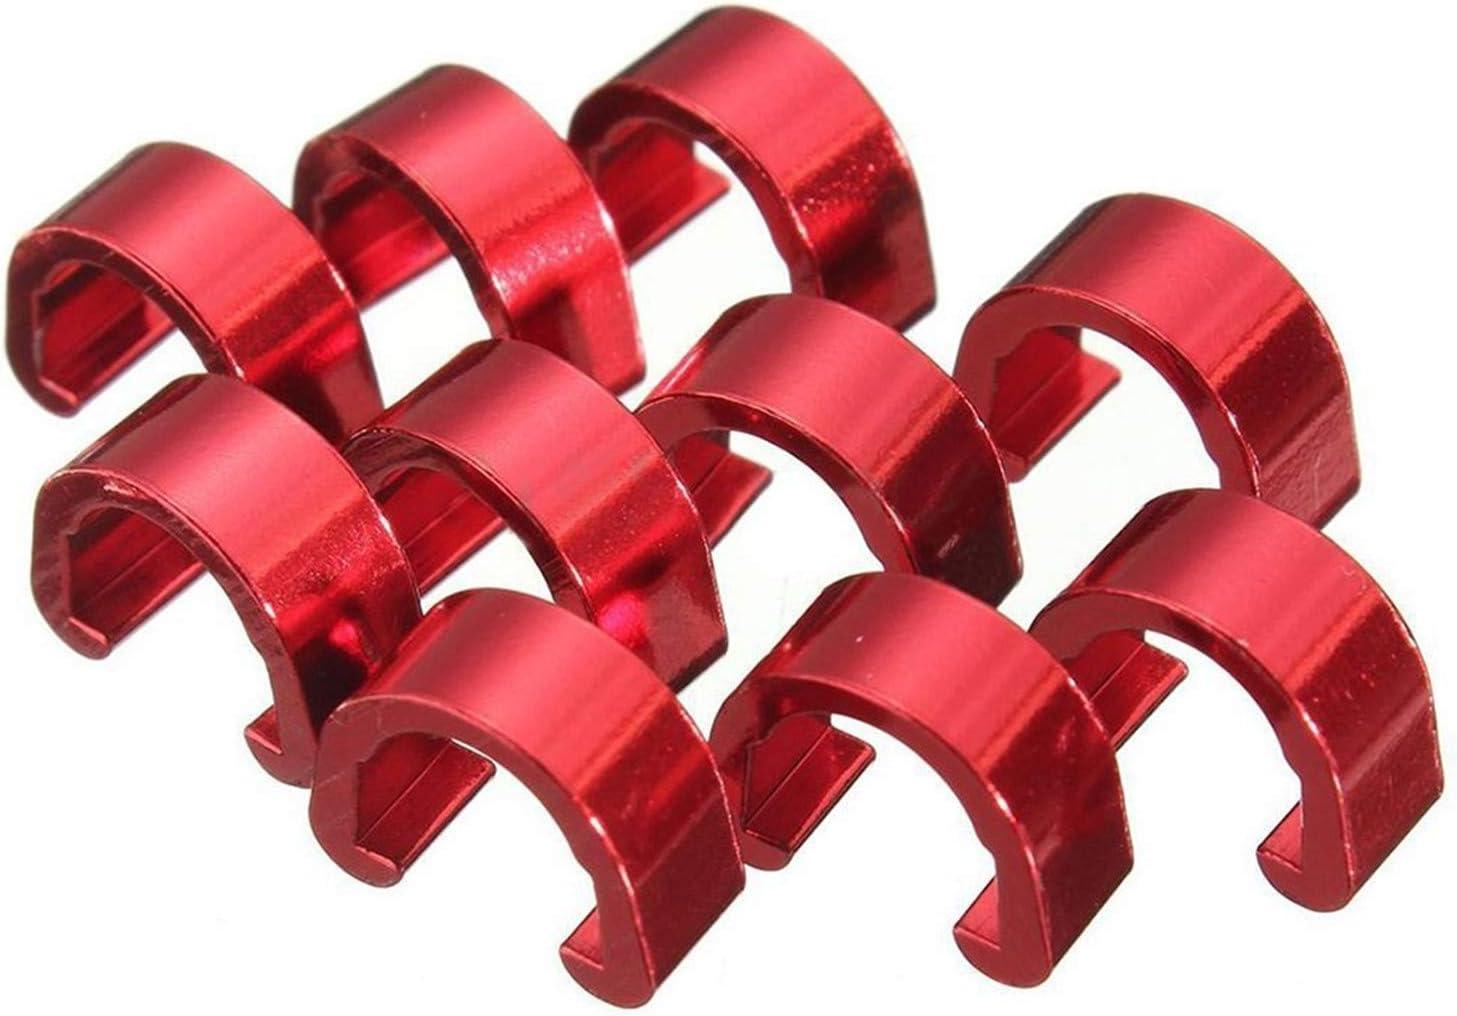 PPX 12 Piezas Tornillos Bicicleta Bici M5x10mm Disc Freno Pernos del Rotor y 10 Aluminio C Clip De Gu/ía MTB Tornillo Disco Freno de Bicicleta Monta/ña